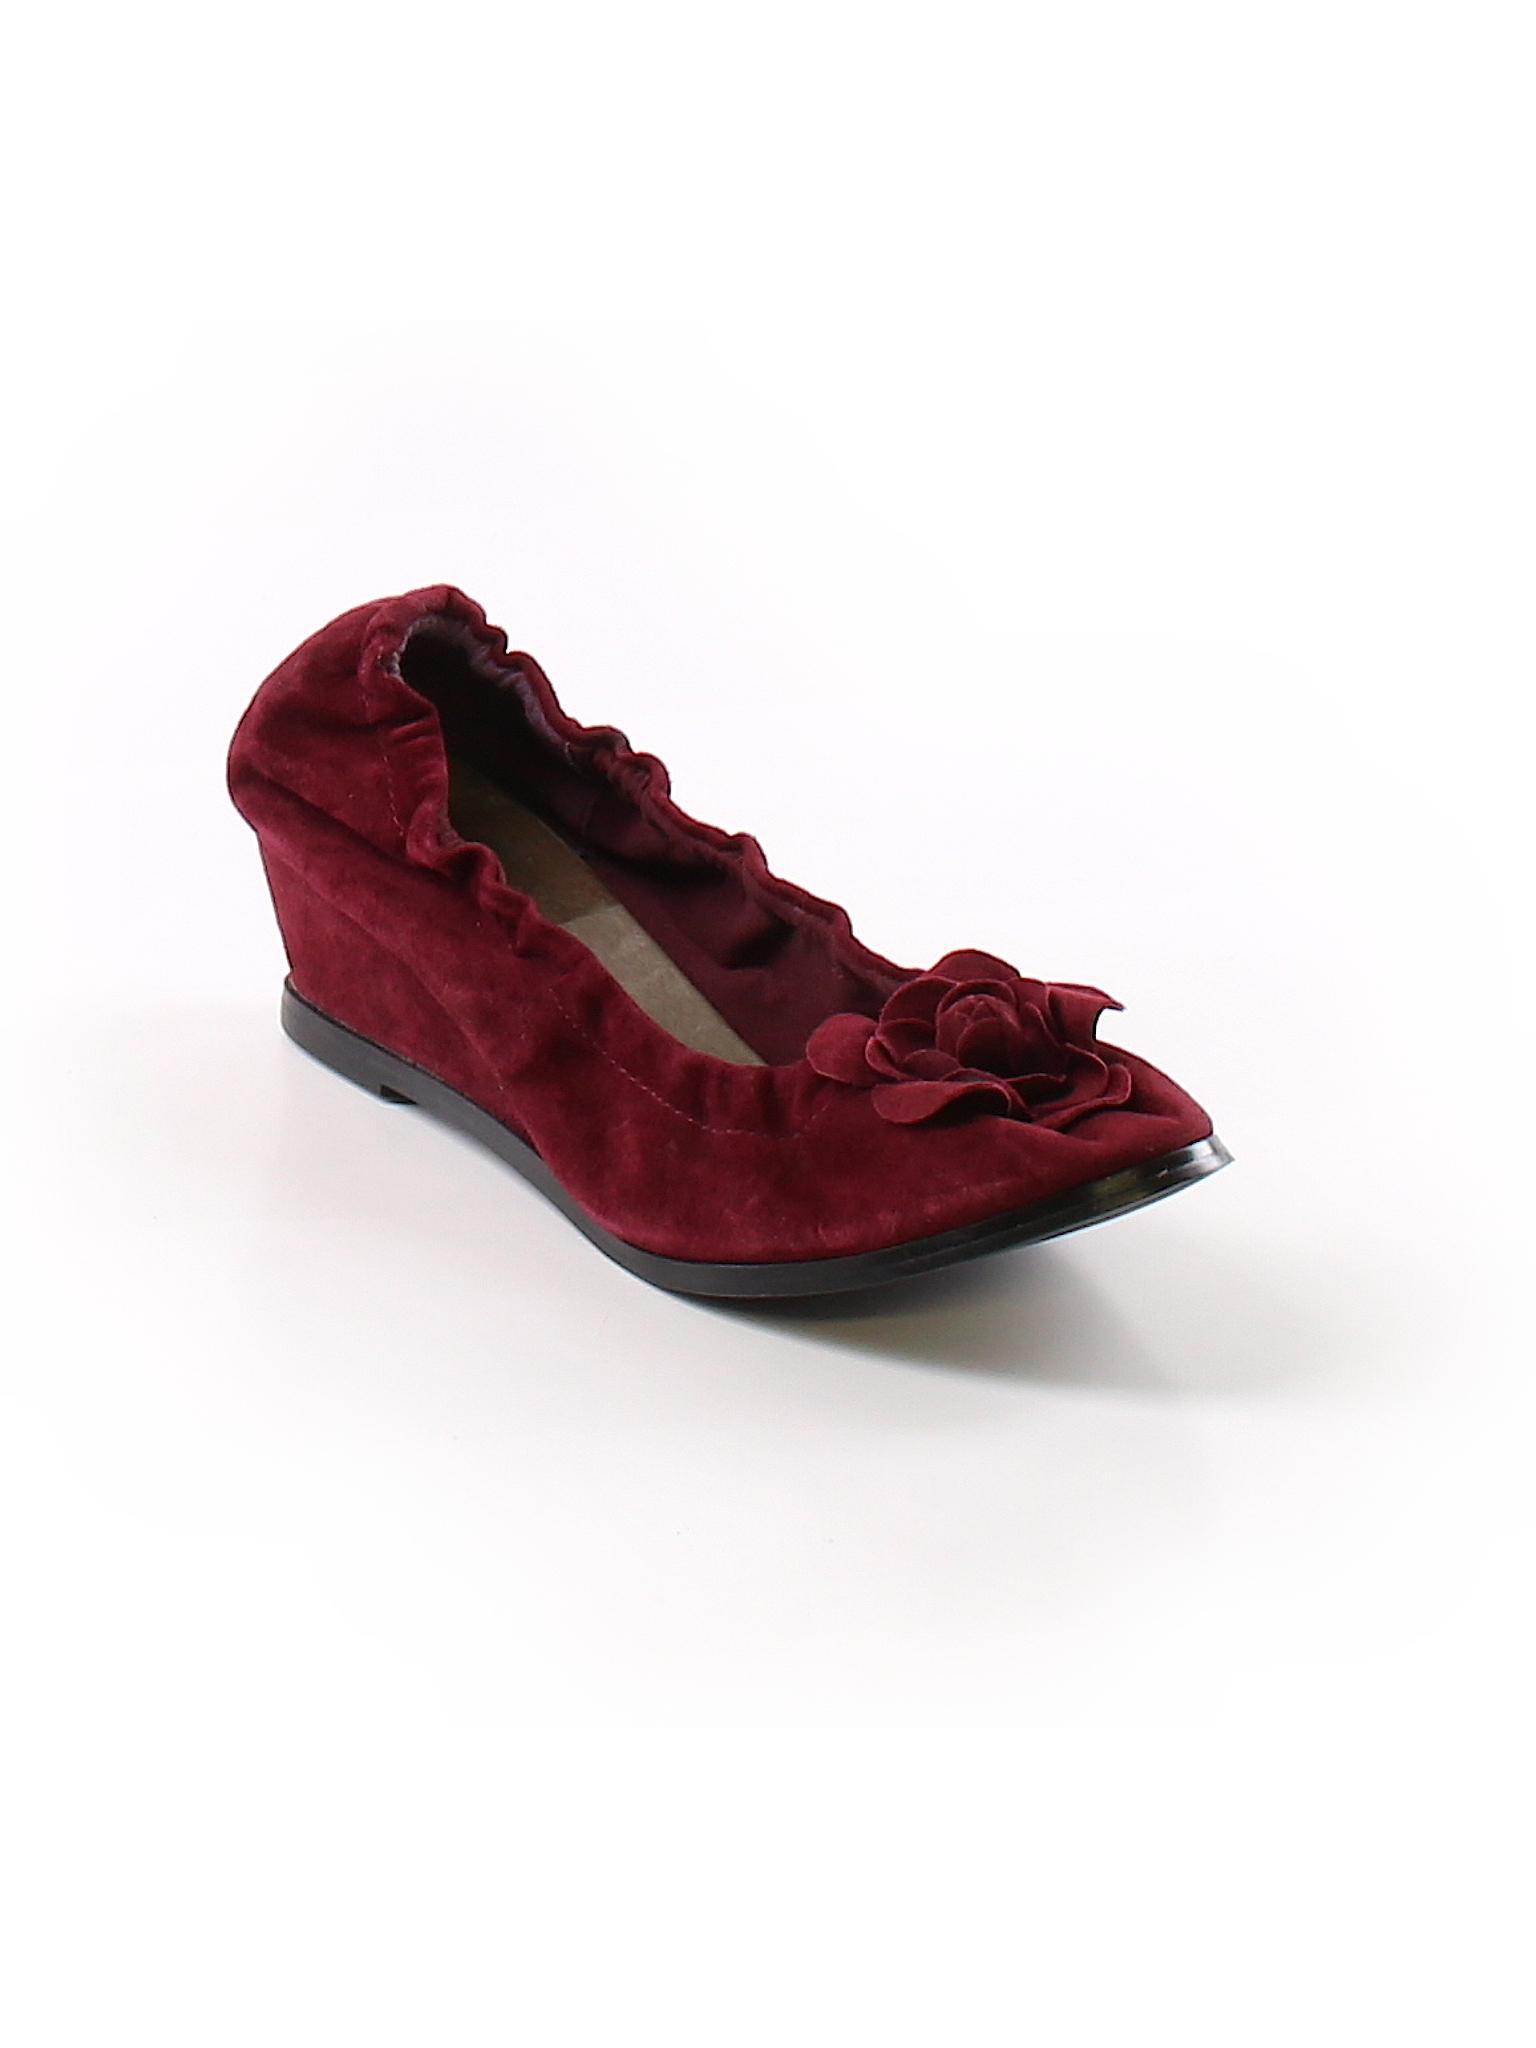 promotion Restricted Shoes Boutique promotion Wedges Boutique Fqwn4REwc0